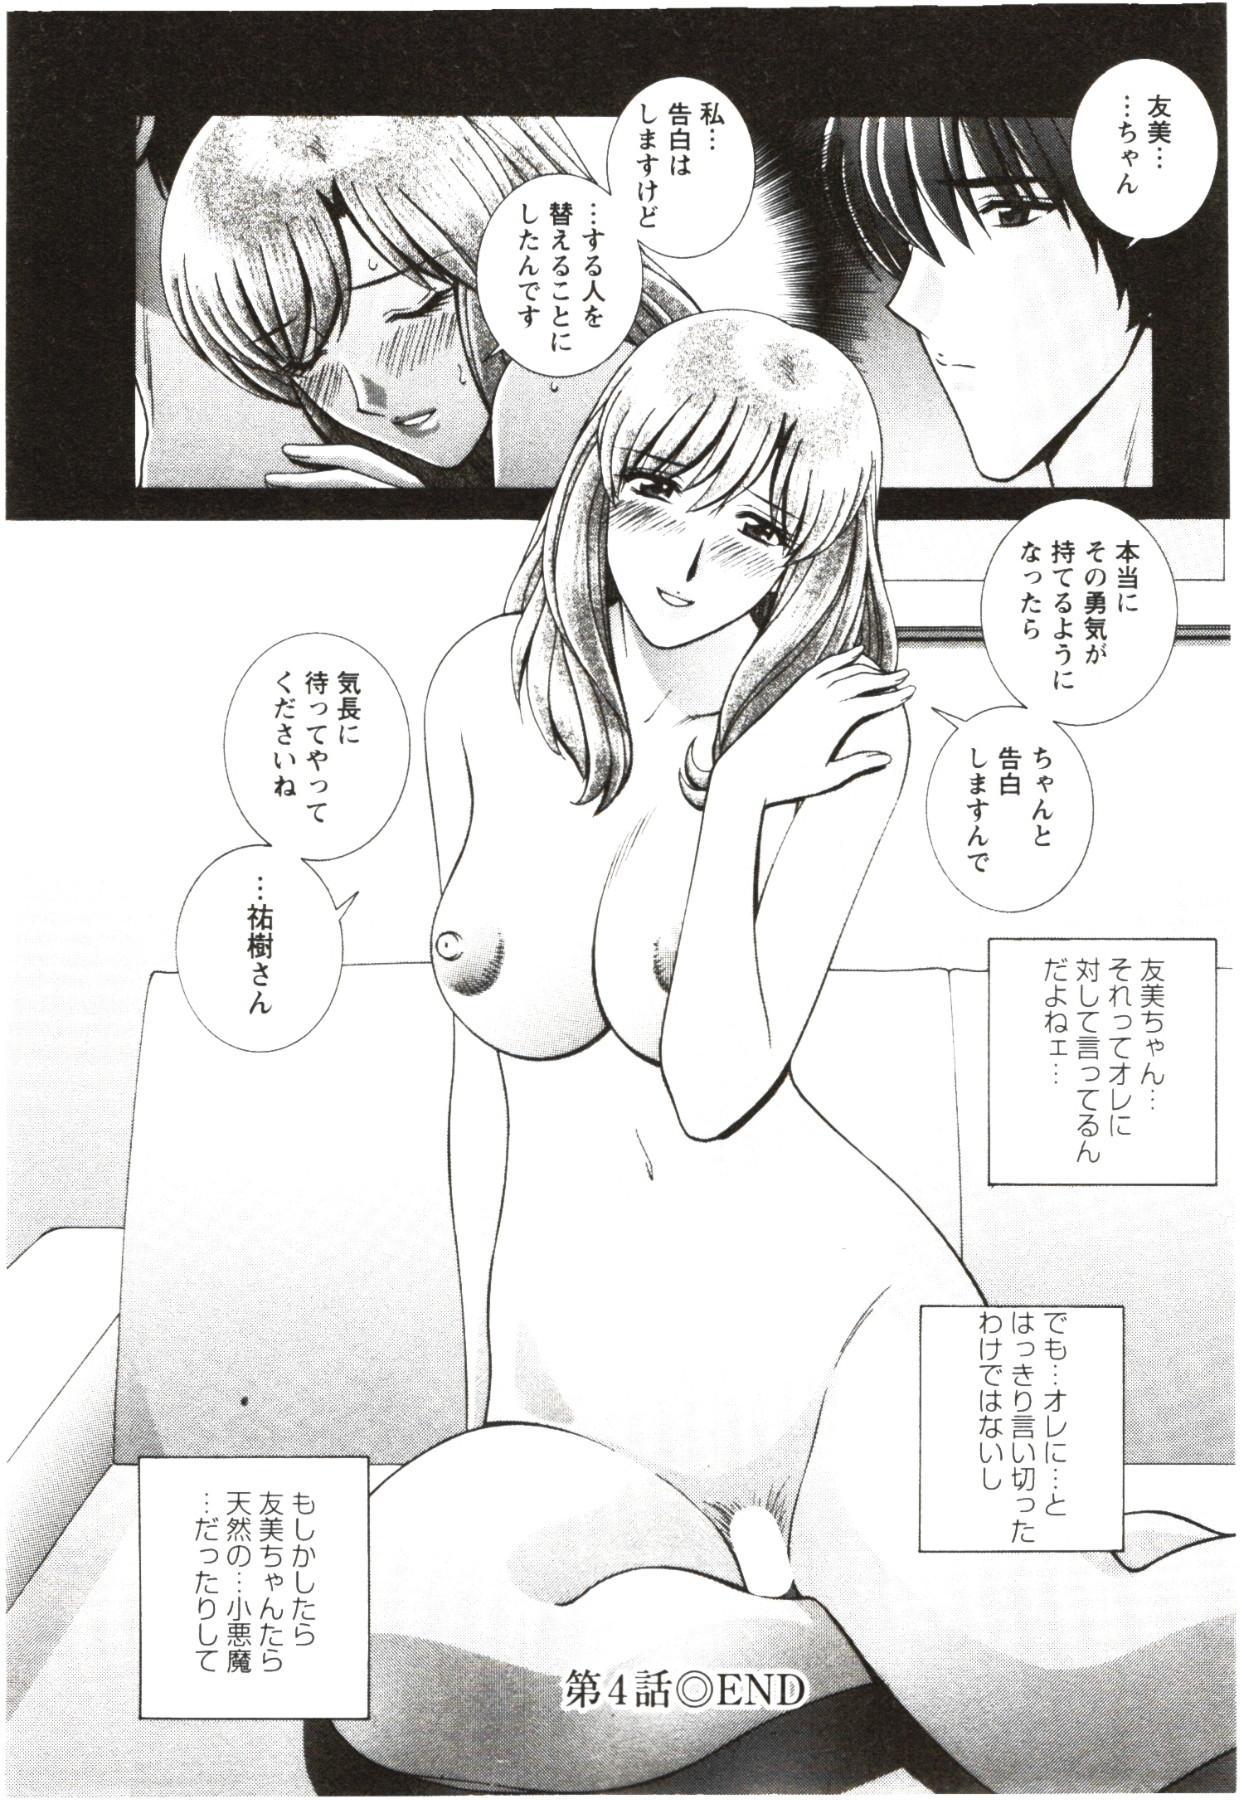 Futarigurashi 77